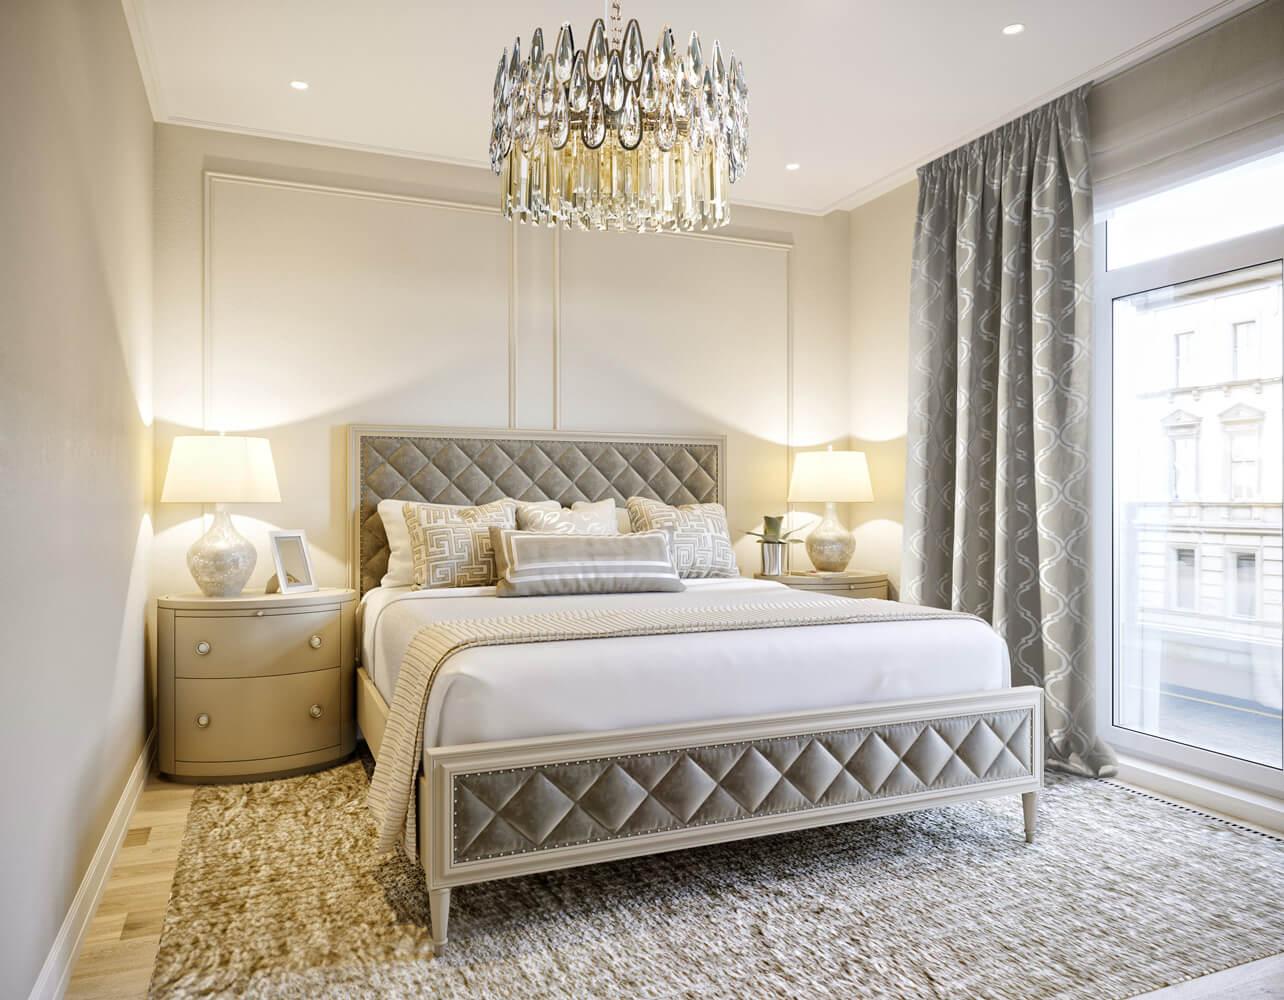 Jak urządzić beżową sypialnię w stylu glamour?